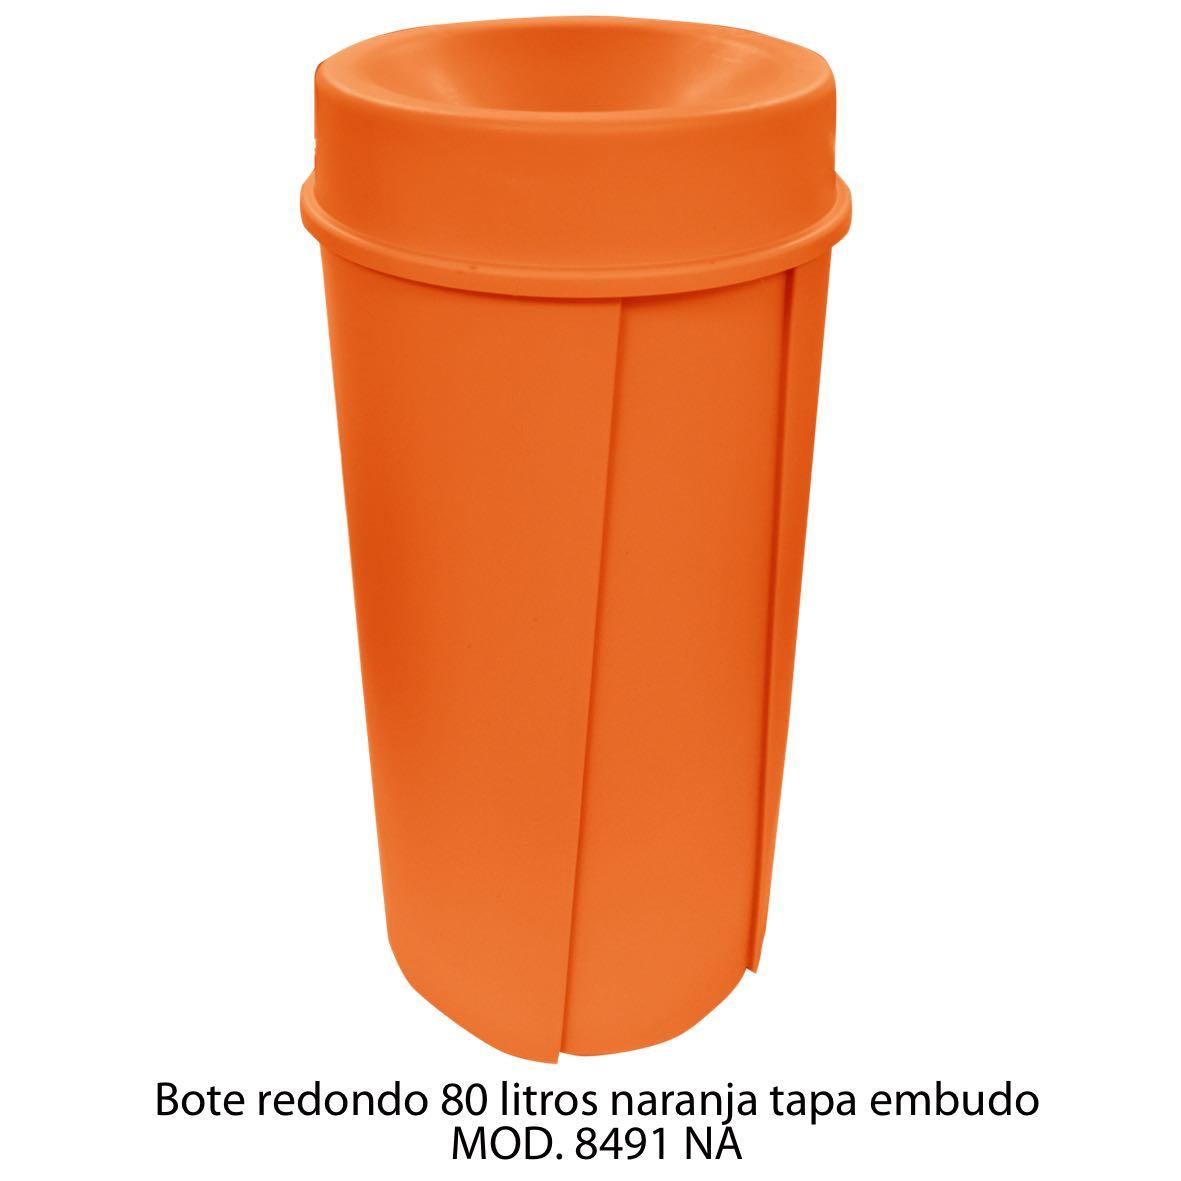 Bote de basura redondo de 80 litros con tapa embudo color naranja modelo 8491 NA Sablón